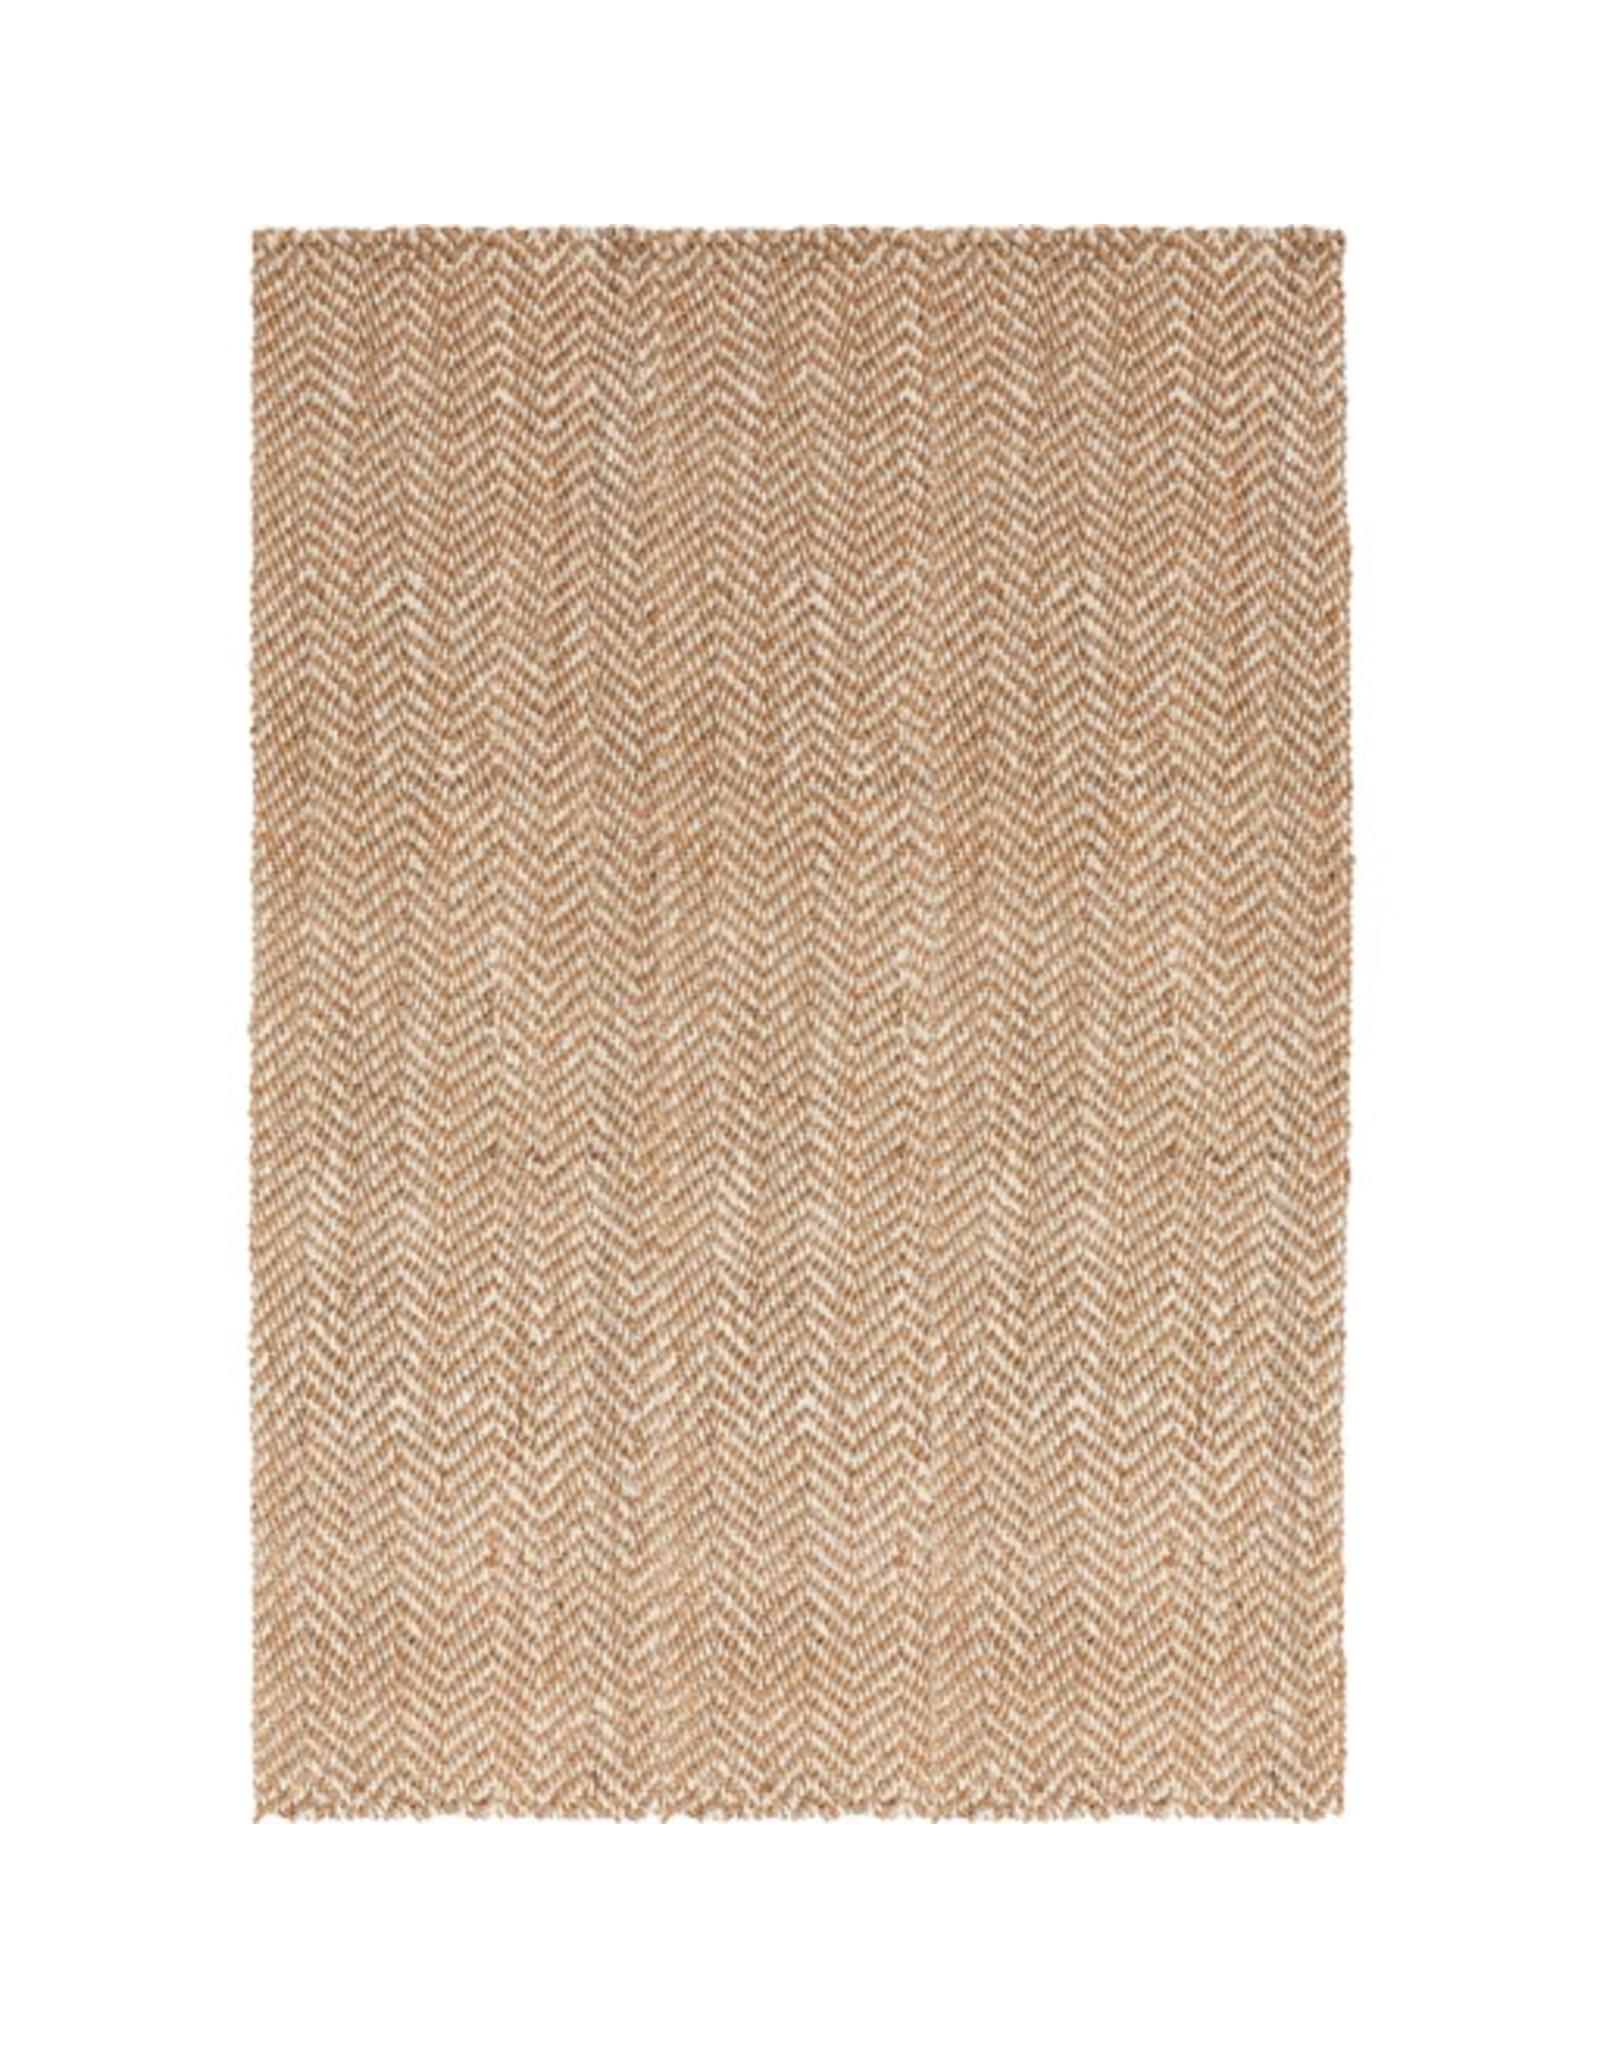 Surya  Reeds Rug 8x11